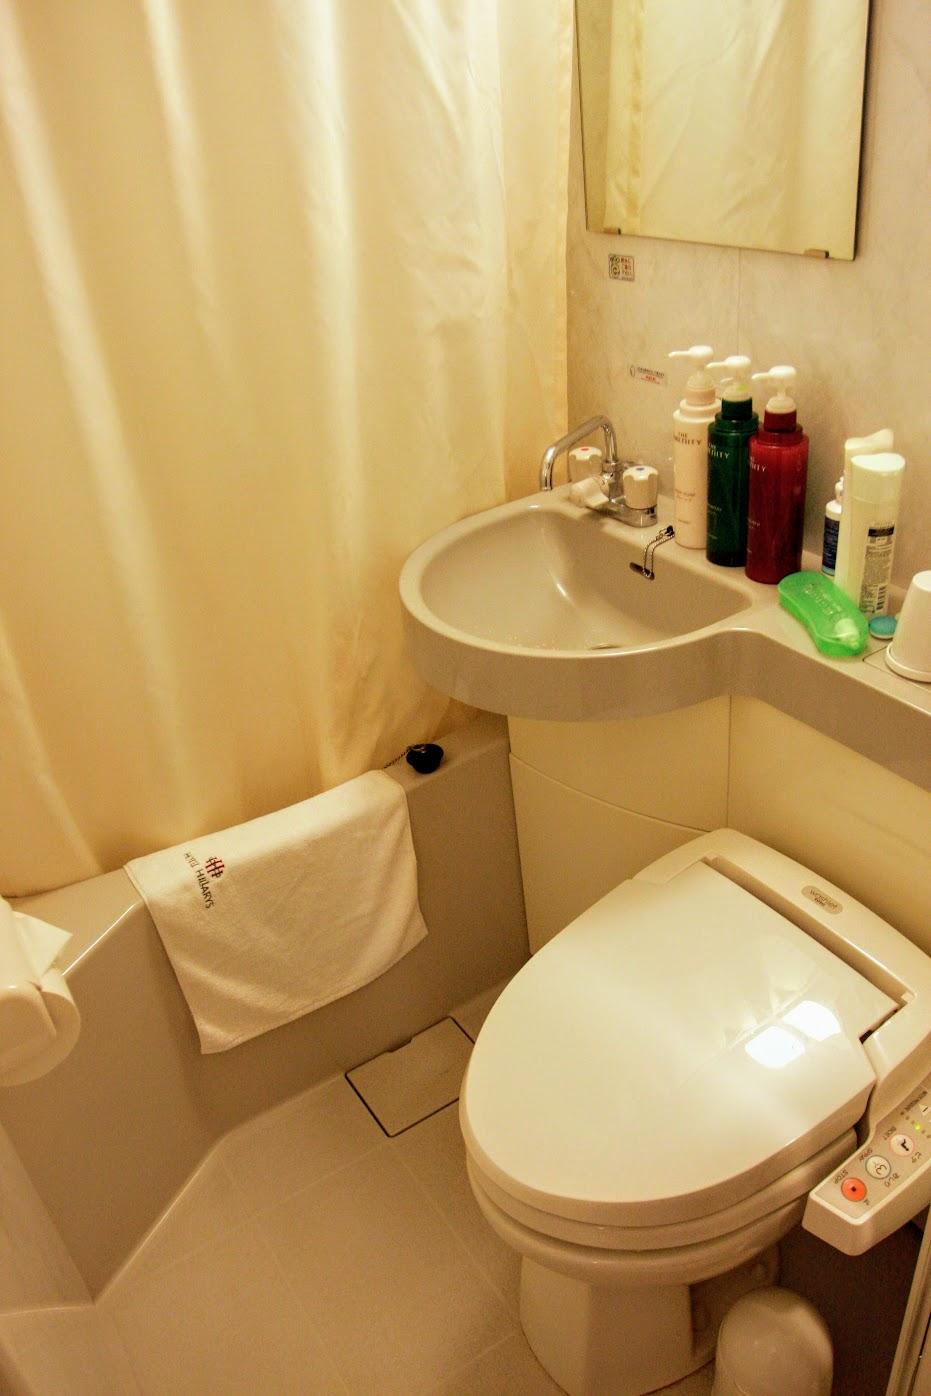 浴室就這樣,不大,左邊是泡澡,右邊是馬桶,沒有多餘空間囉